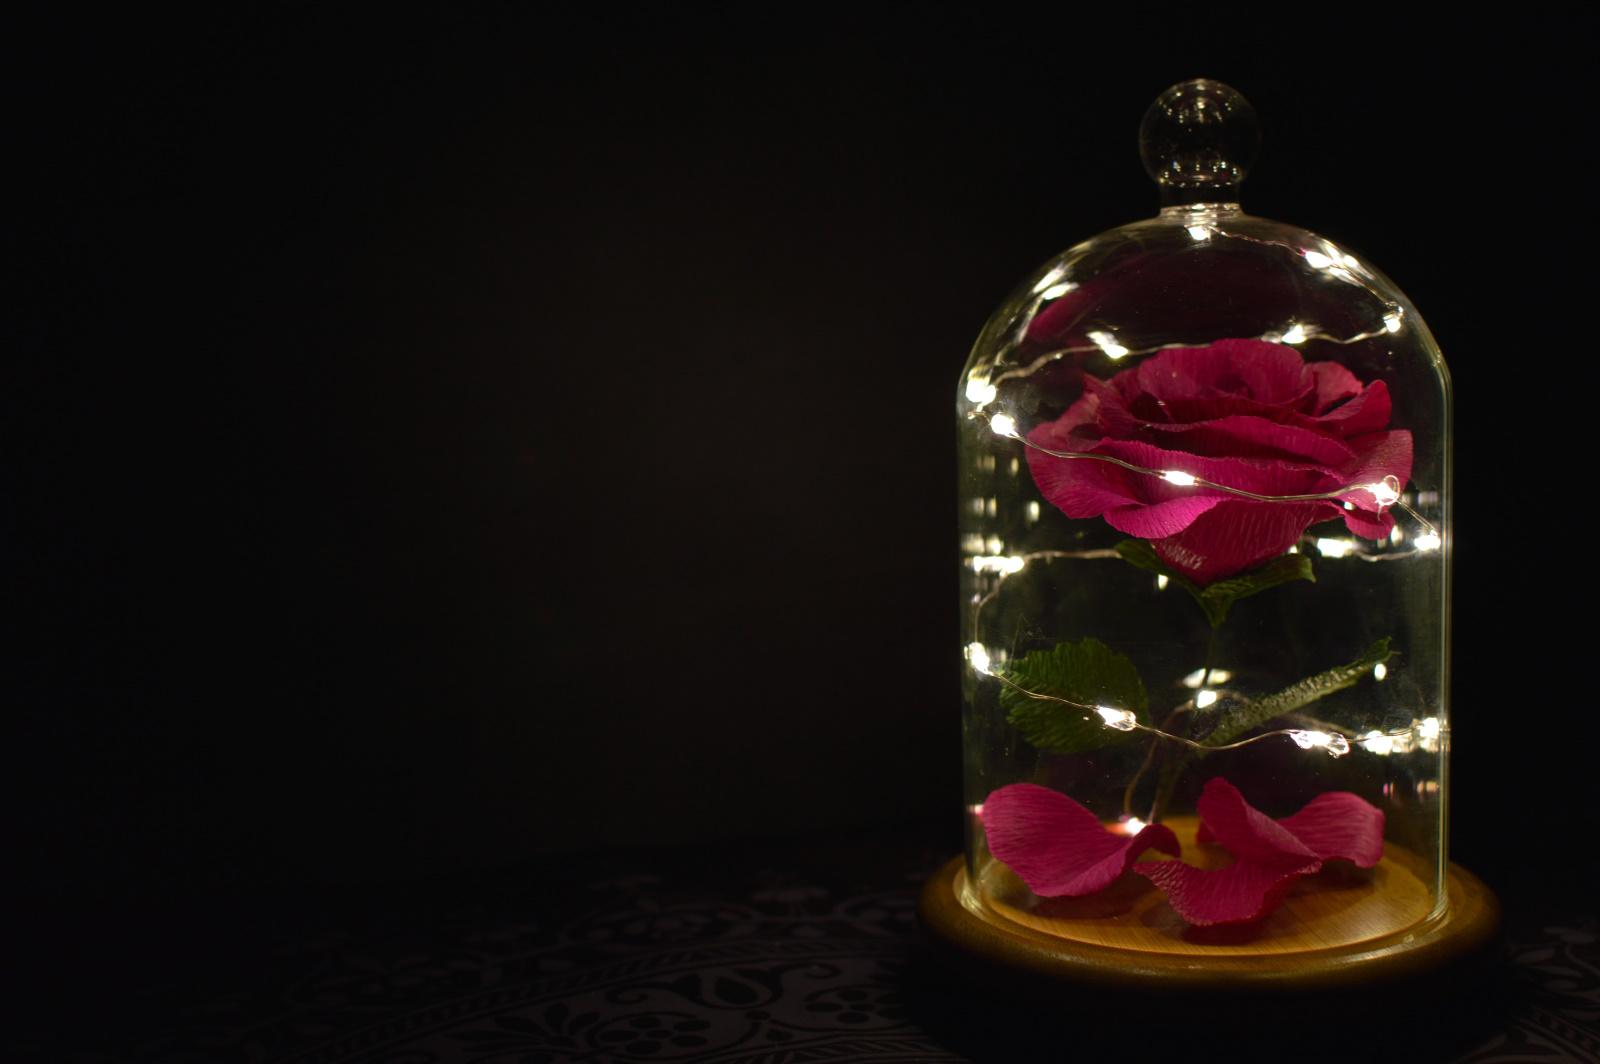 La rosa encantada